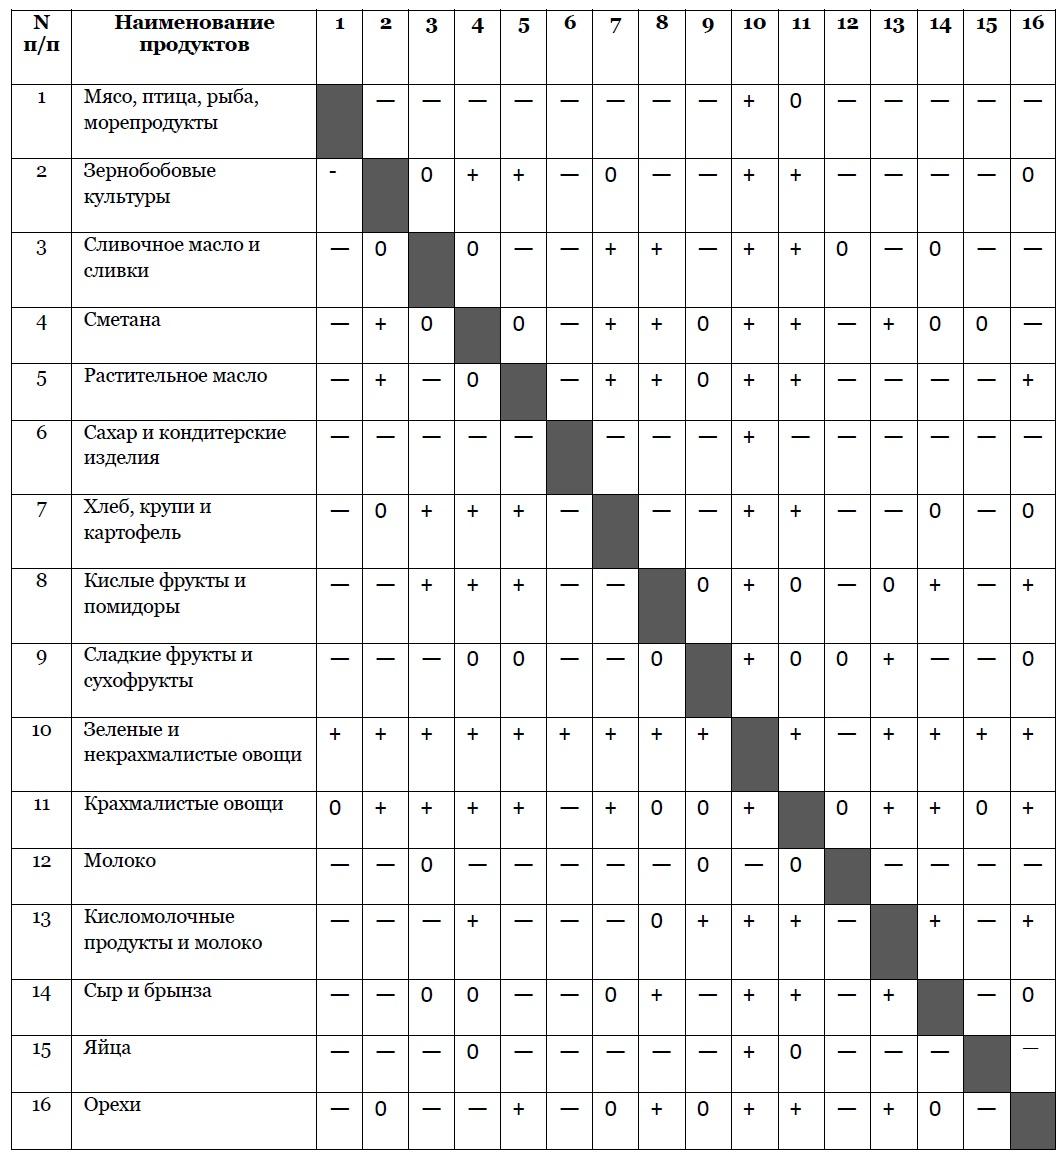 сочетание продуктов при раздельном питании таблица